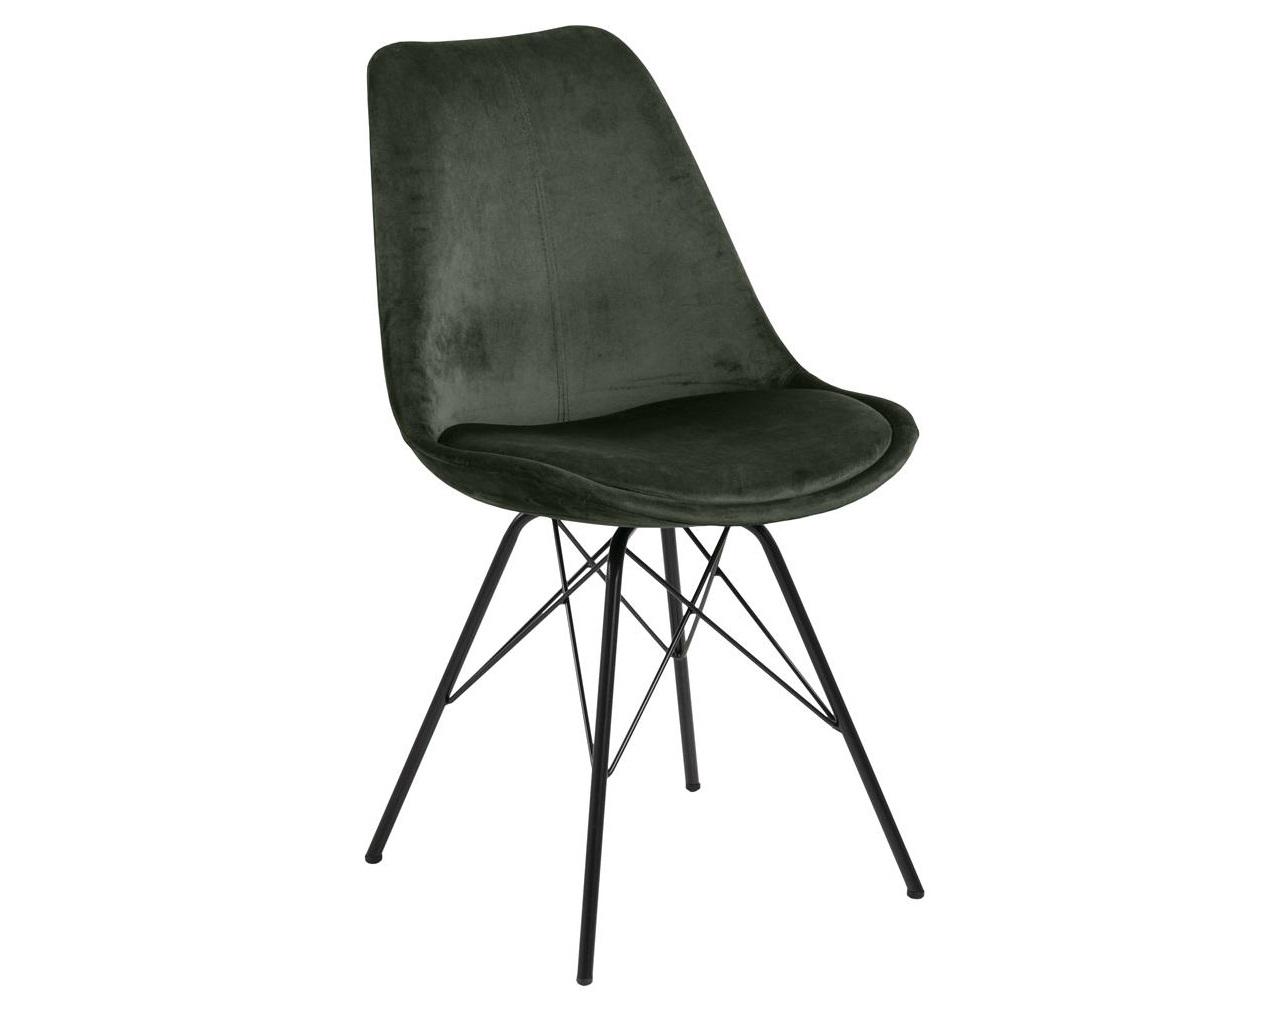 Scaun tapitat cu stofa si picioare metalice Eris Velvet Verde Inchis / Negru, l48,5xA54xH85,5 cm imagine